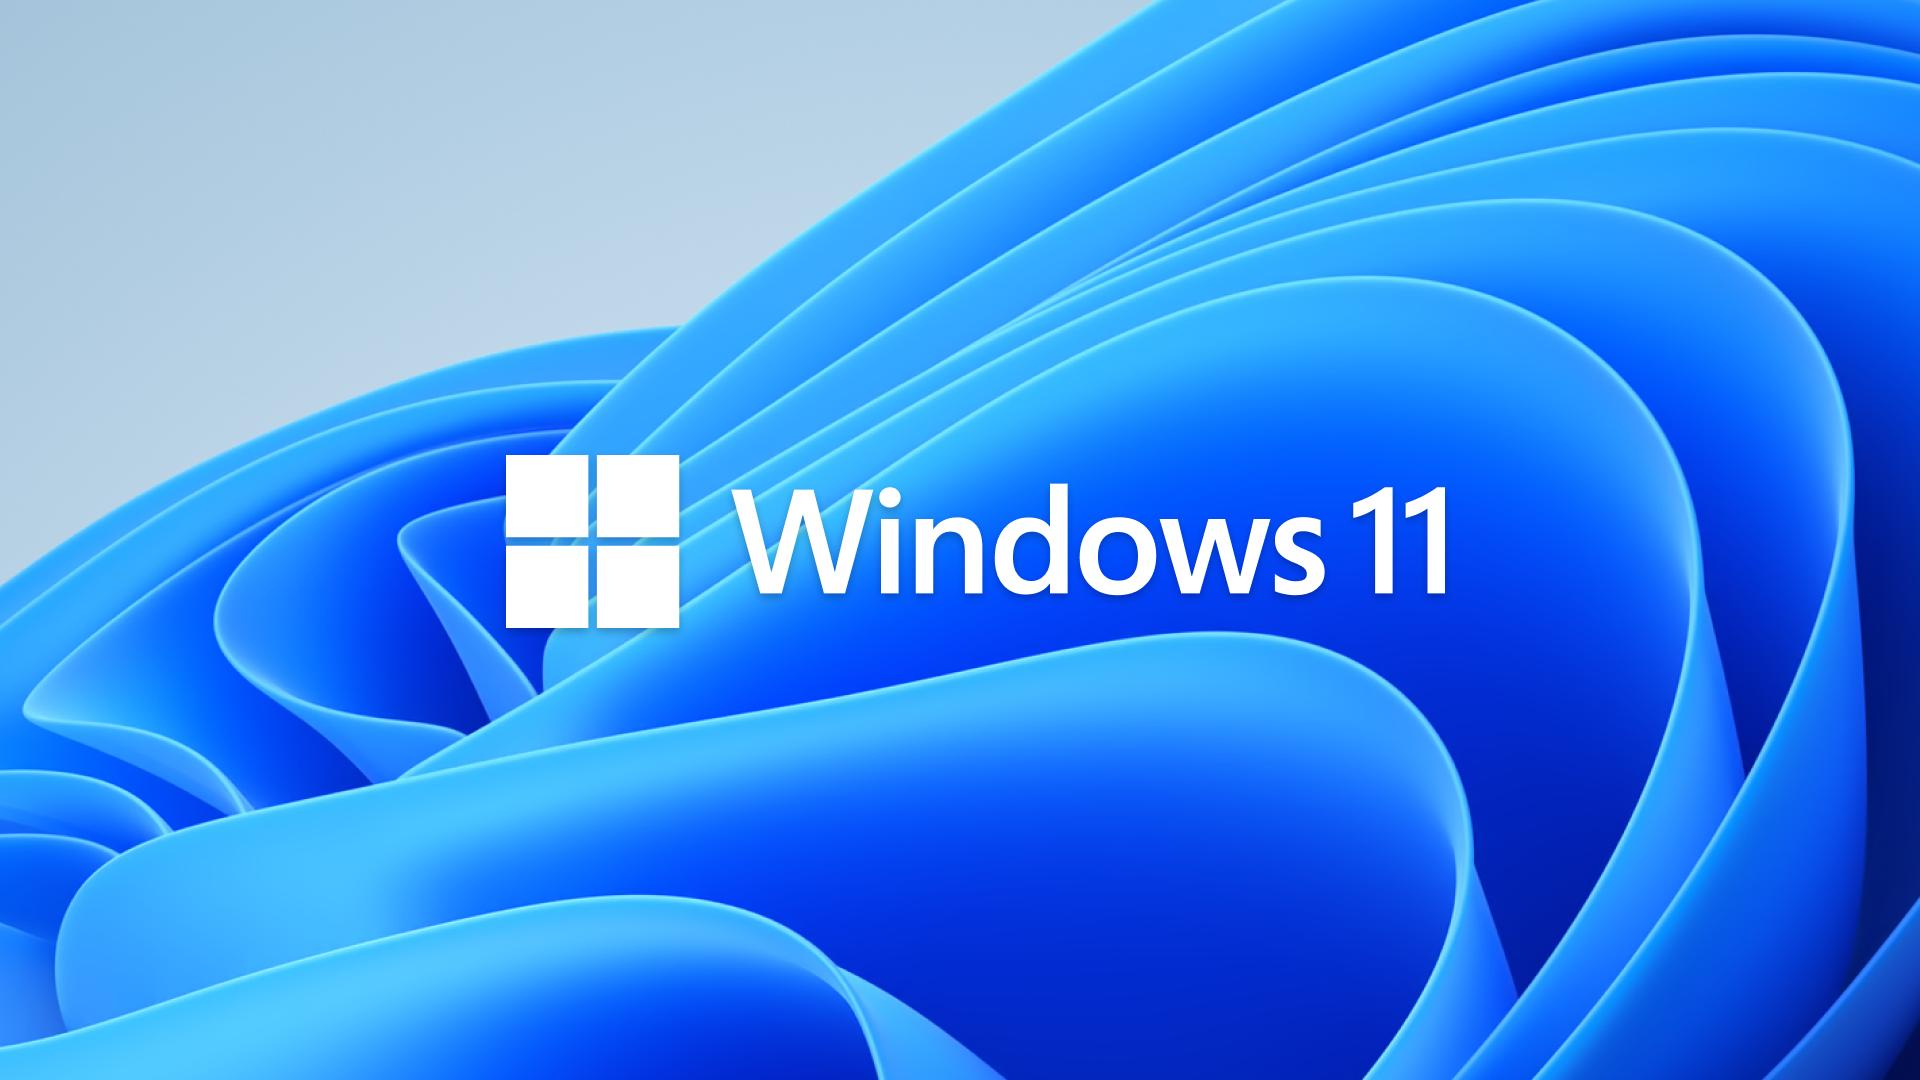 Neues Tool WhyNotWin11 zeigt, ob ihr Windows 11 bekommt oder nicht